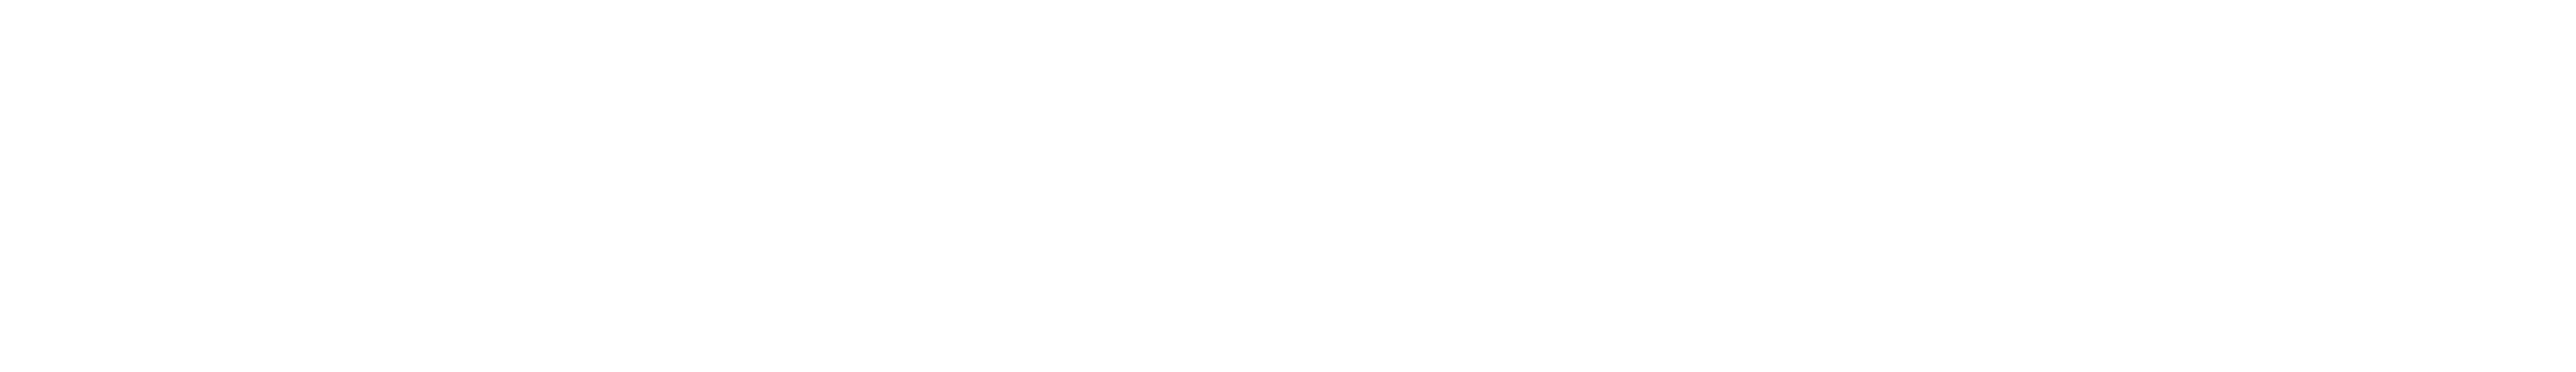 Lace clipart brown lace. Transparent png clip art